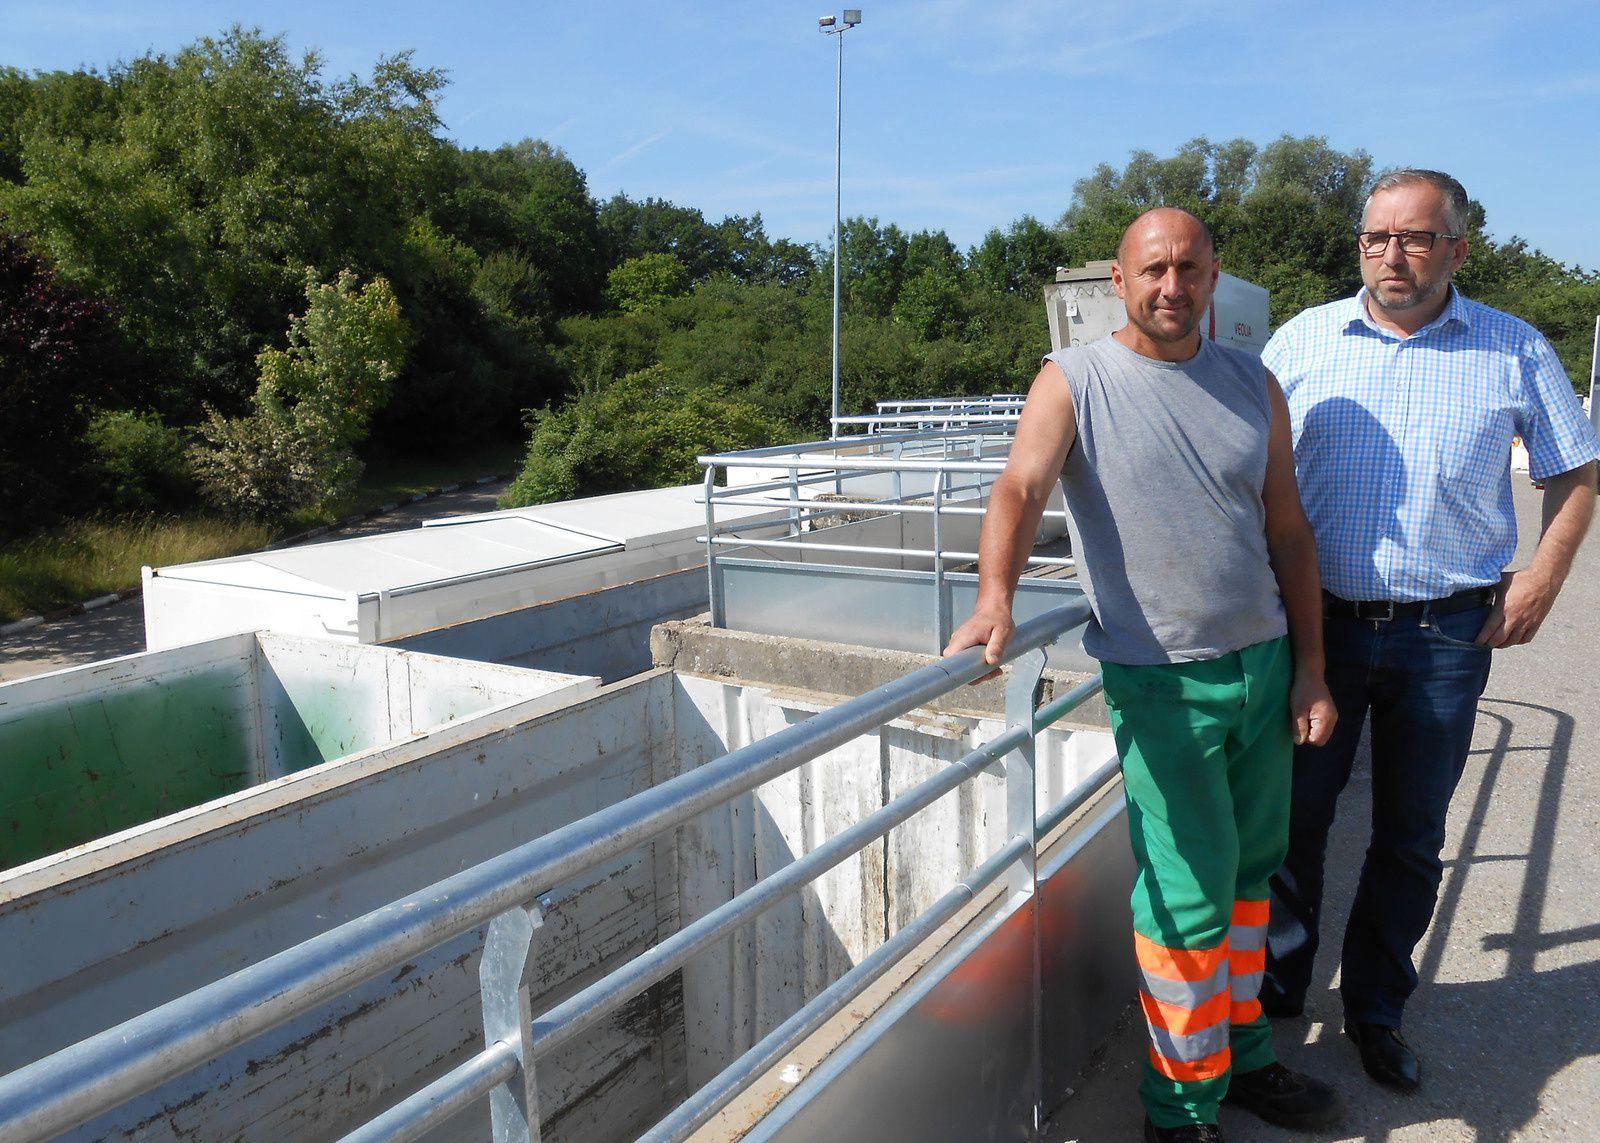 Raphaël ELIN, vice-président en charge des déchets ménagers et Fabrice GERMAIN, agent de déchèterie, apprécient les nouveaux garde-corps posés sur le site de Rémilly